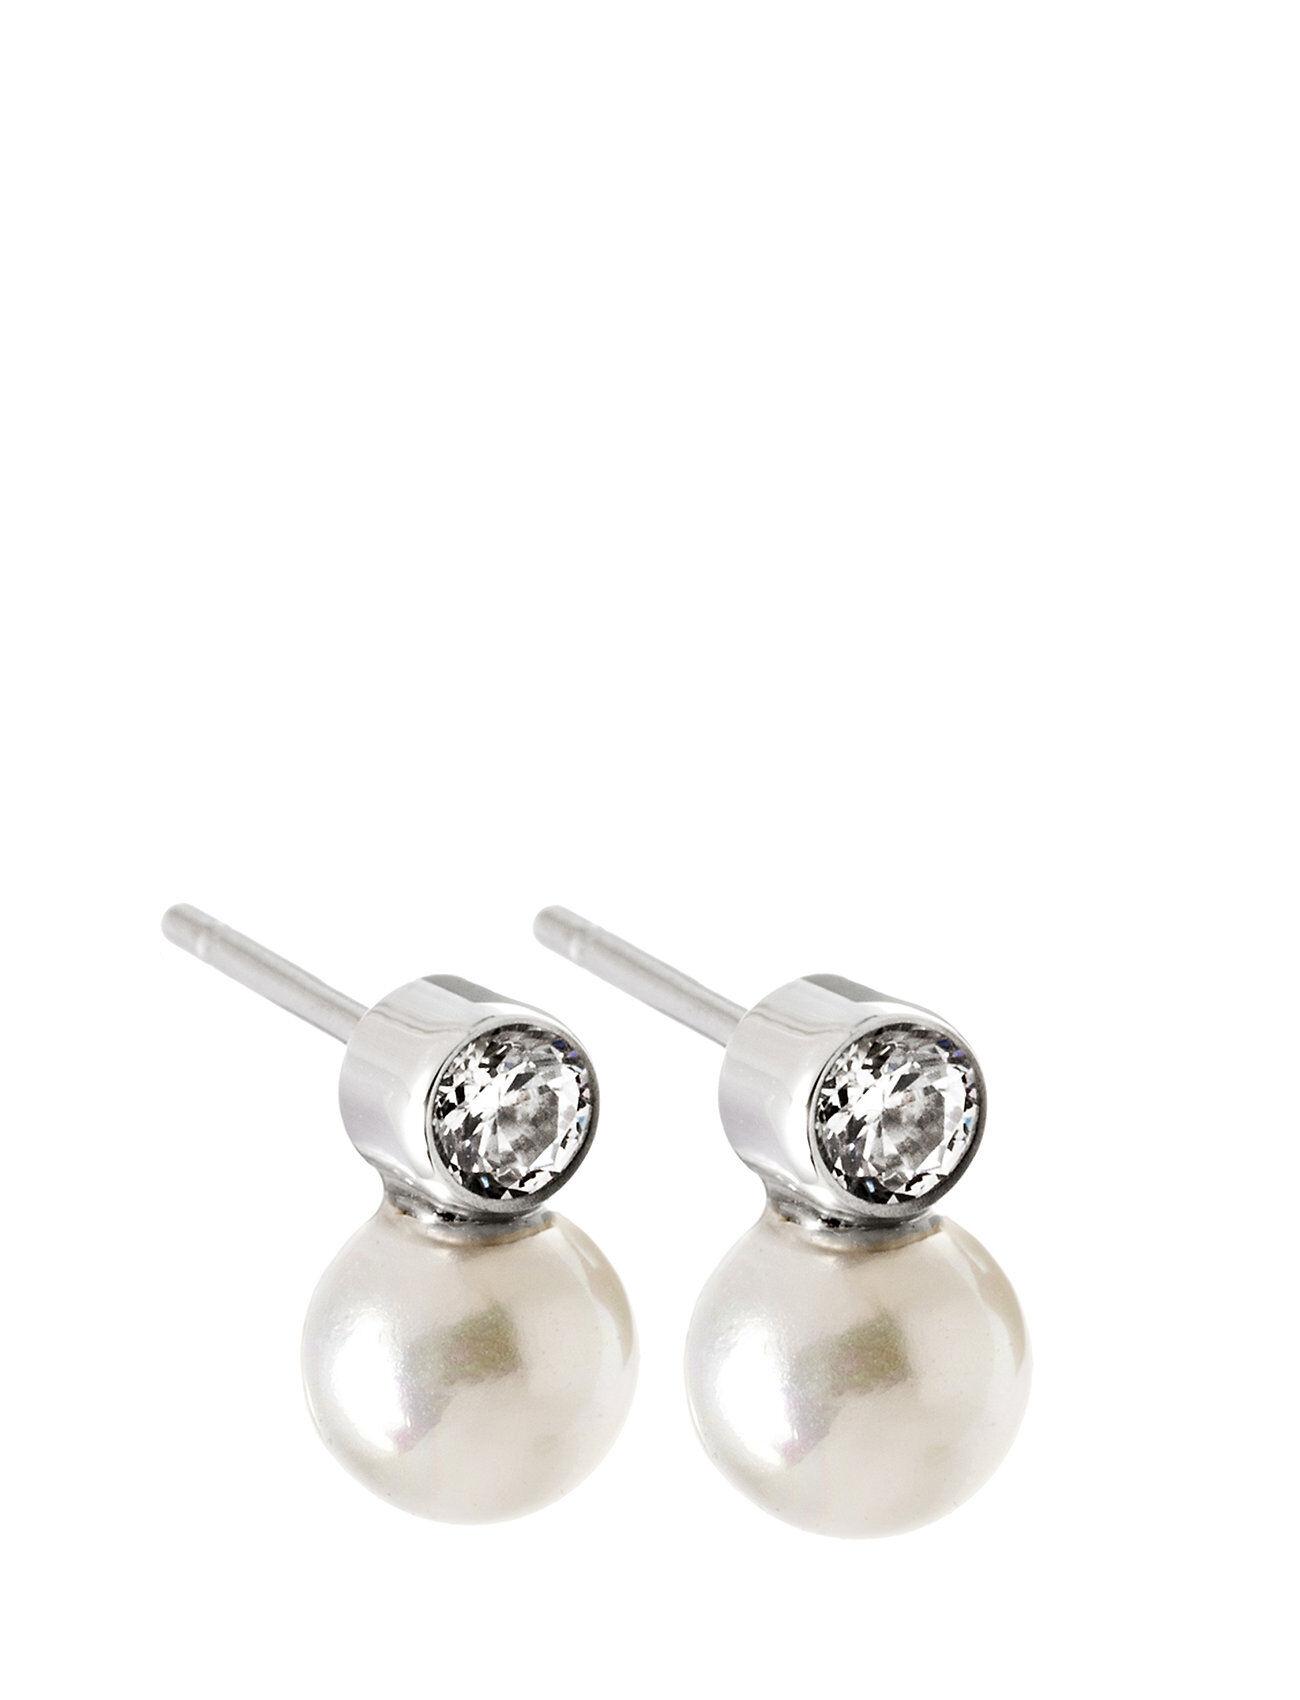 Edblad Luna Studs Small Steel Accessories Jewellery Earrings Studs Hopea Edblad